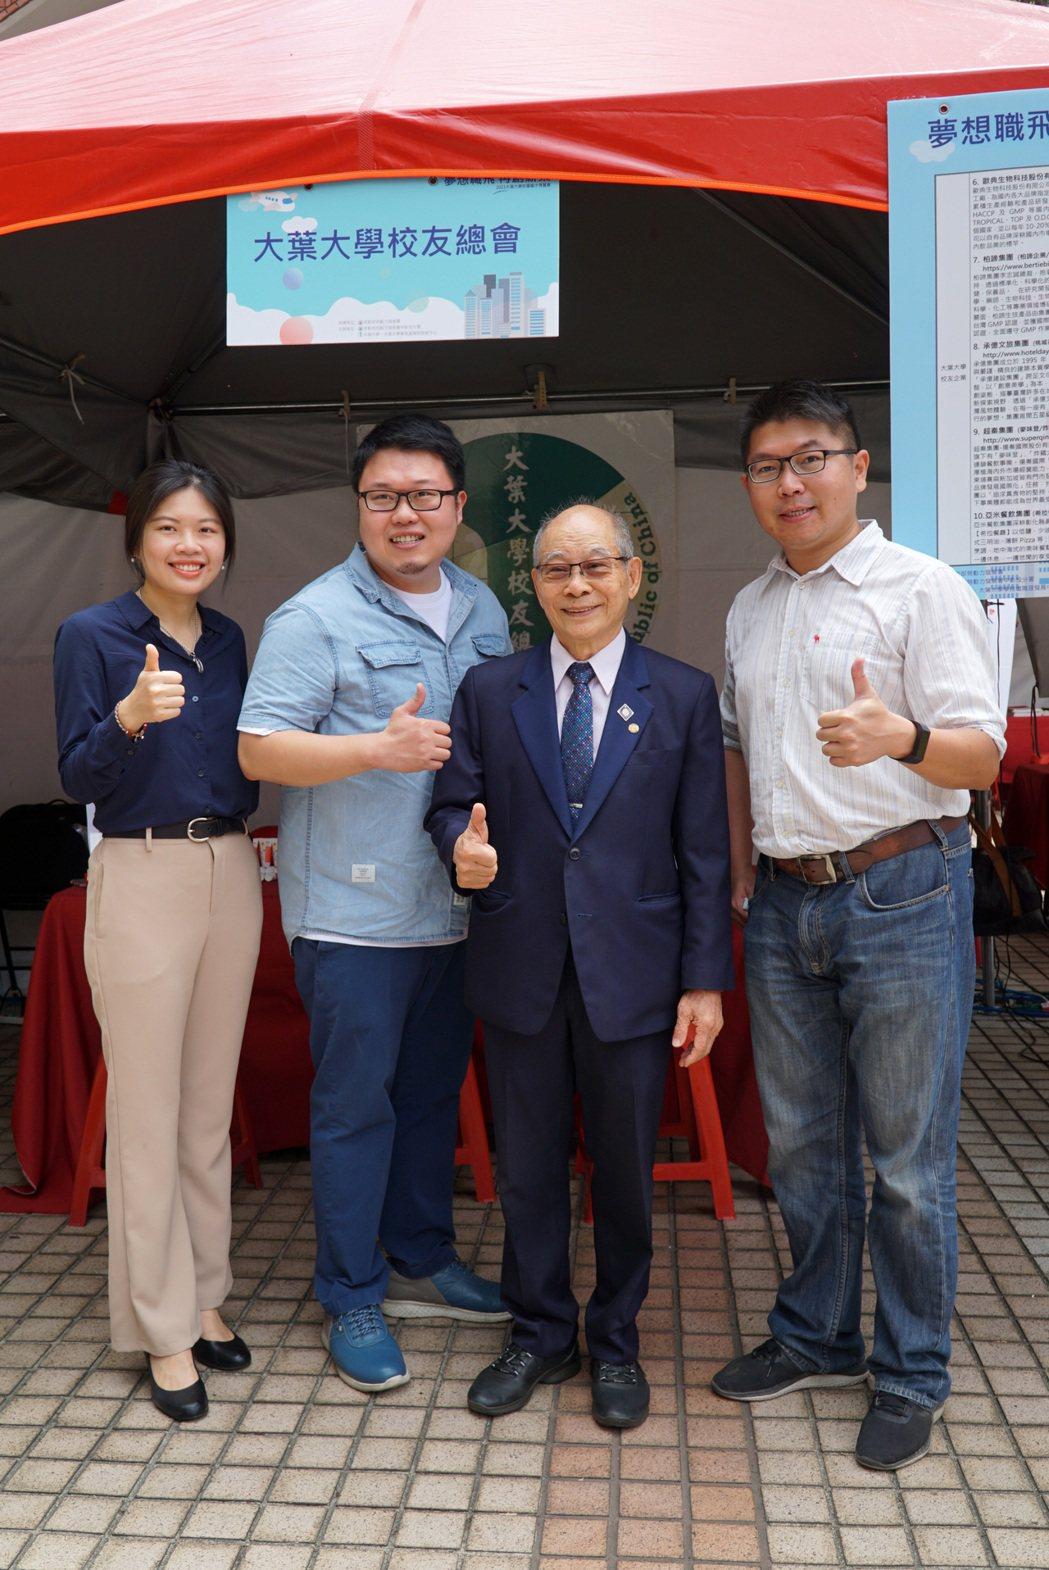 大葉大學校友總會理事長李正雄(右二)歡迎學弟妹加入。 大葉大學/提供。